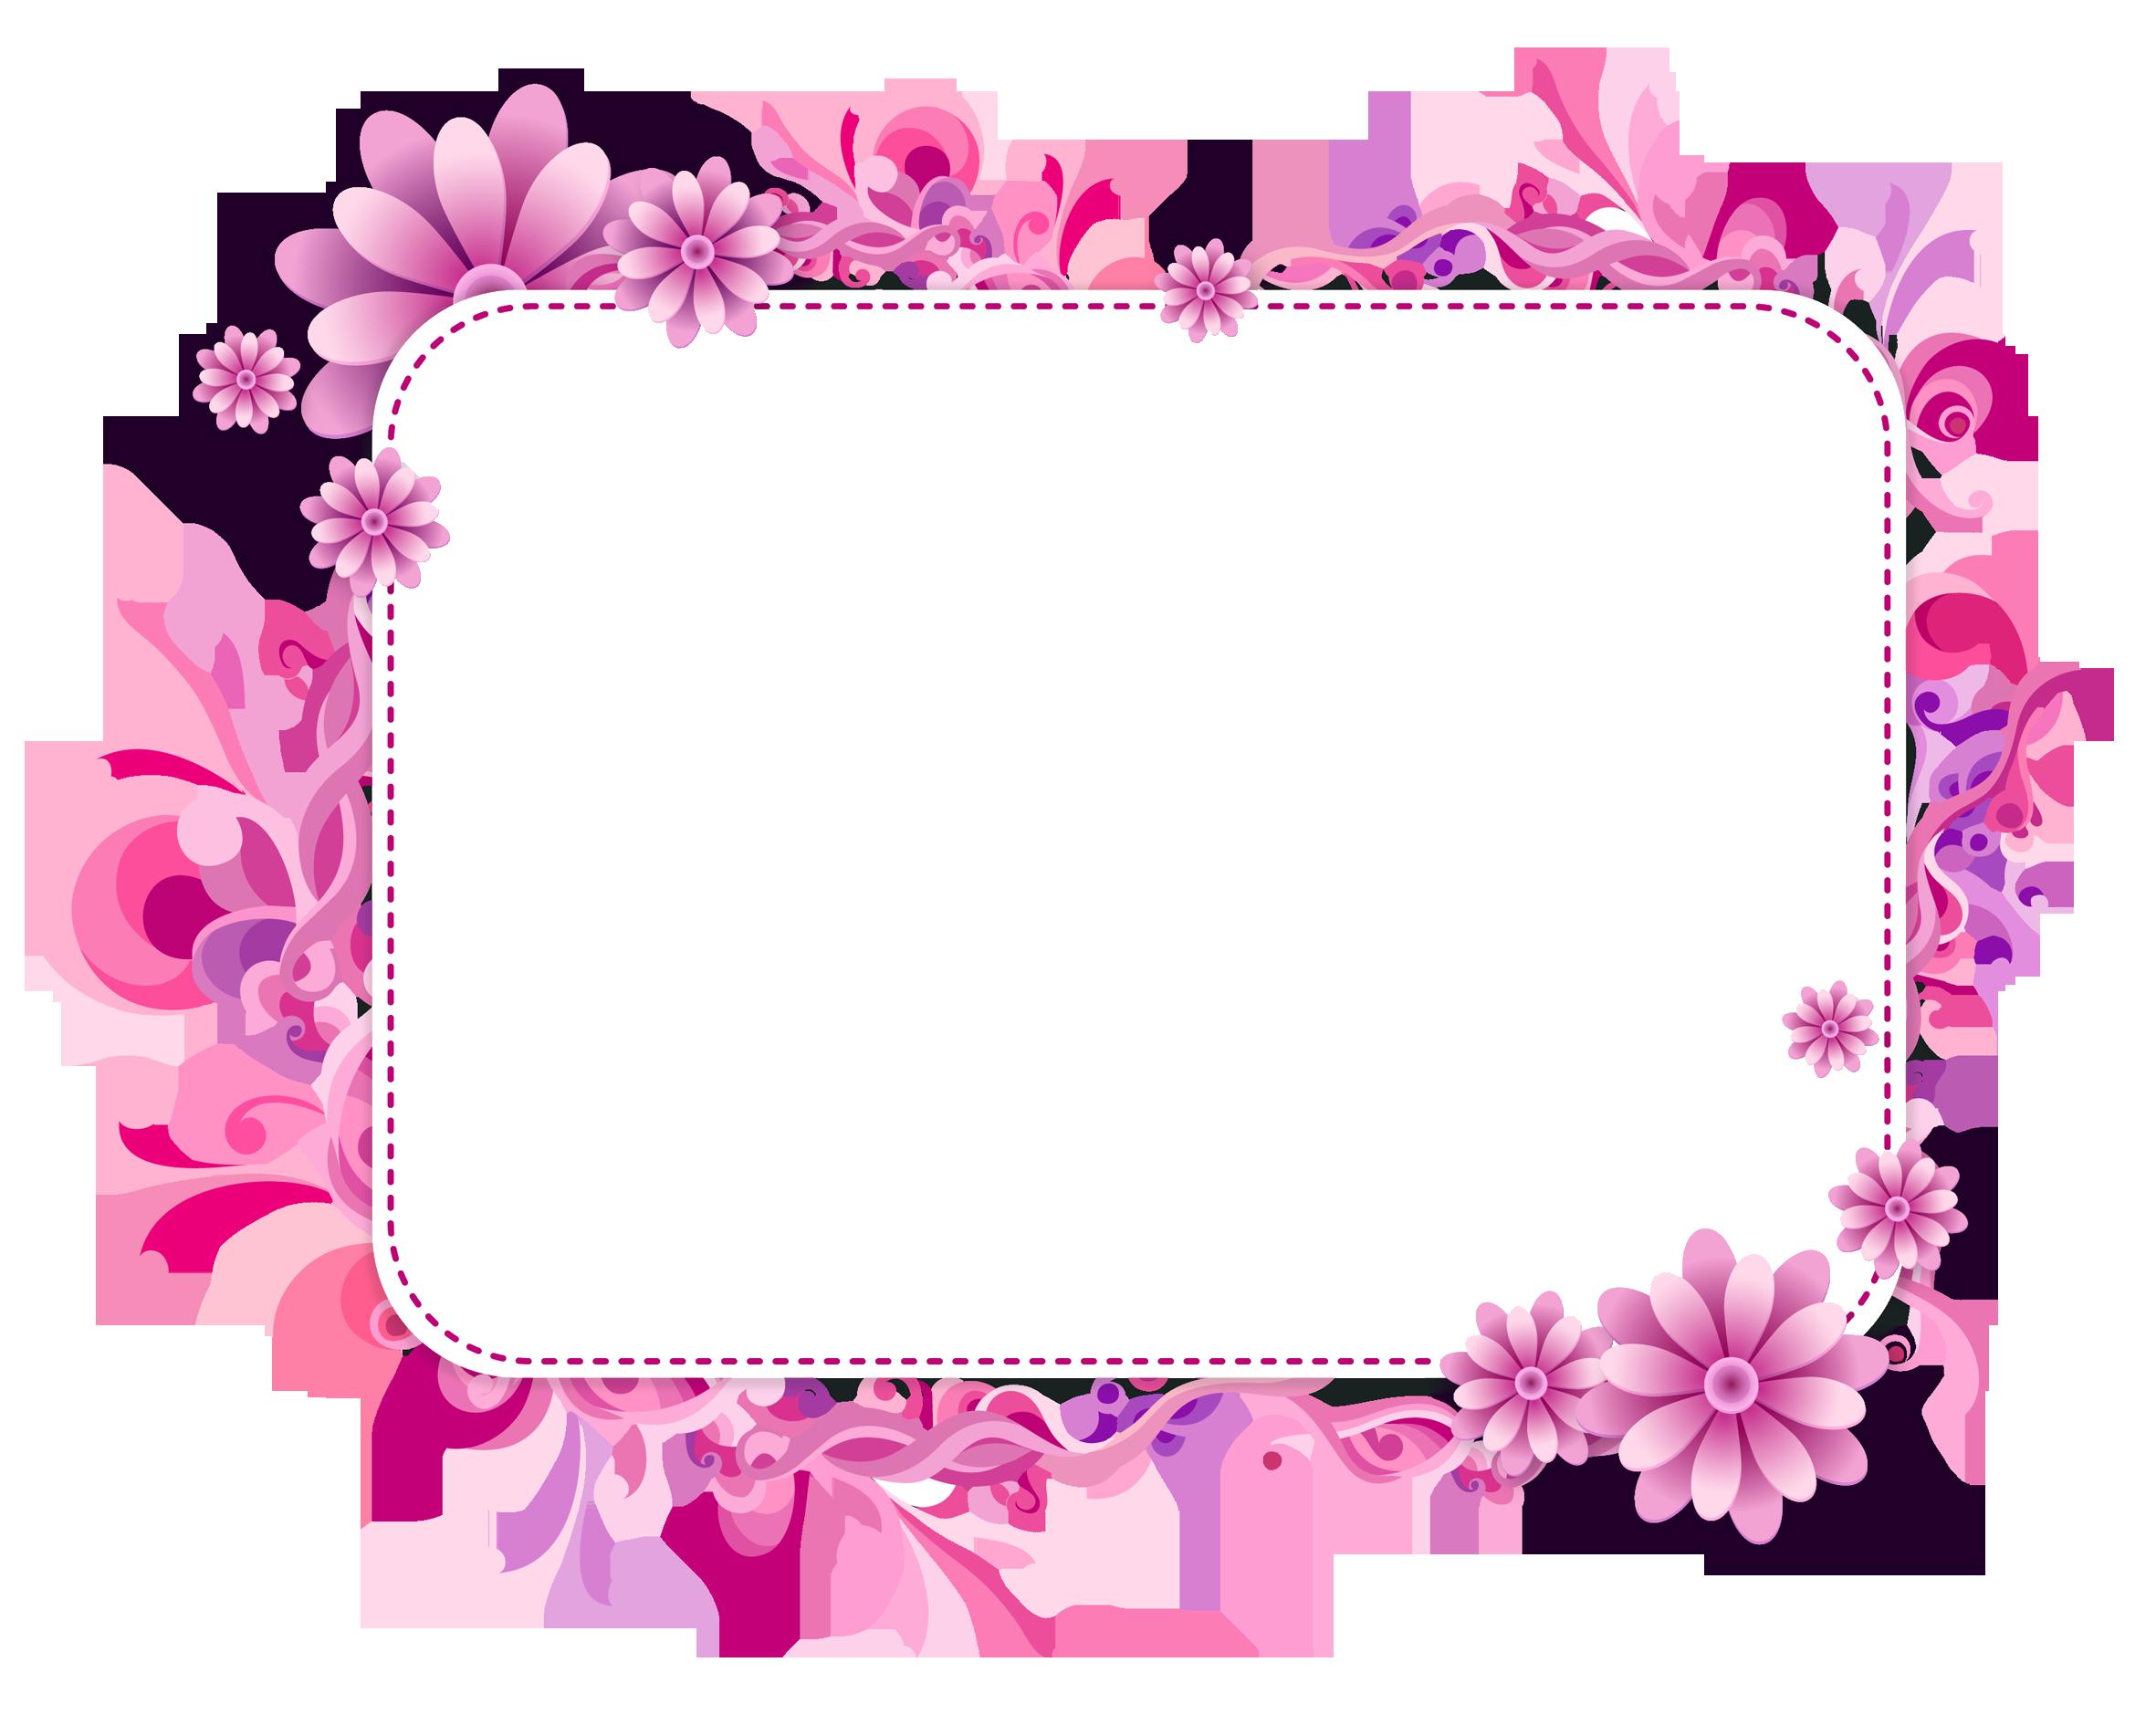 Pink Floral Vector Frame Png - 249 - TransparentPNG